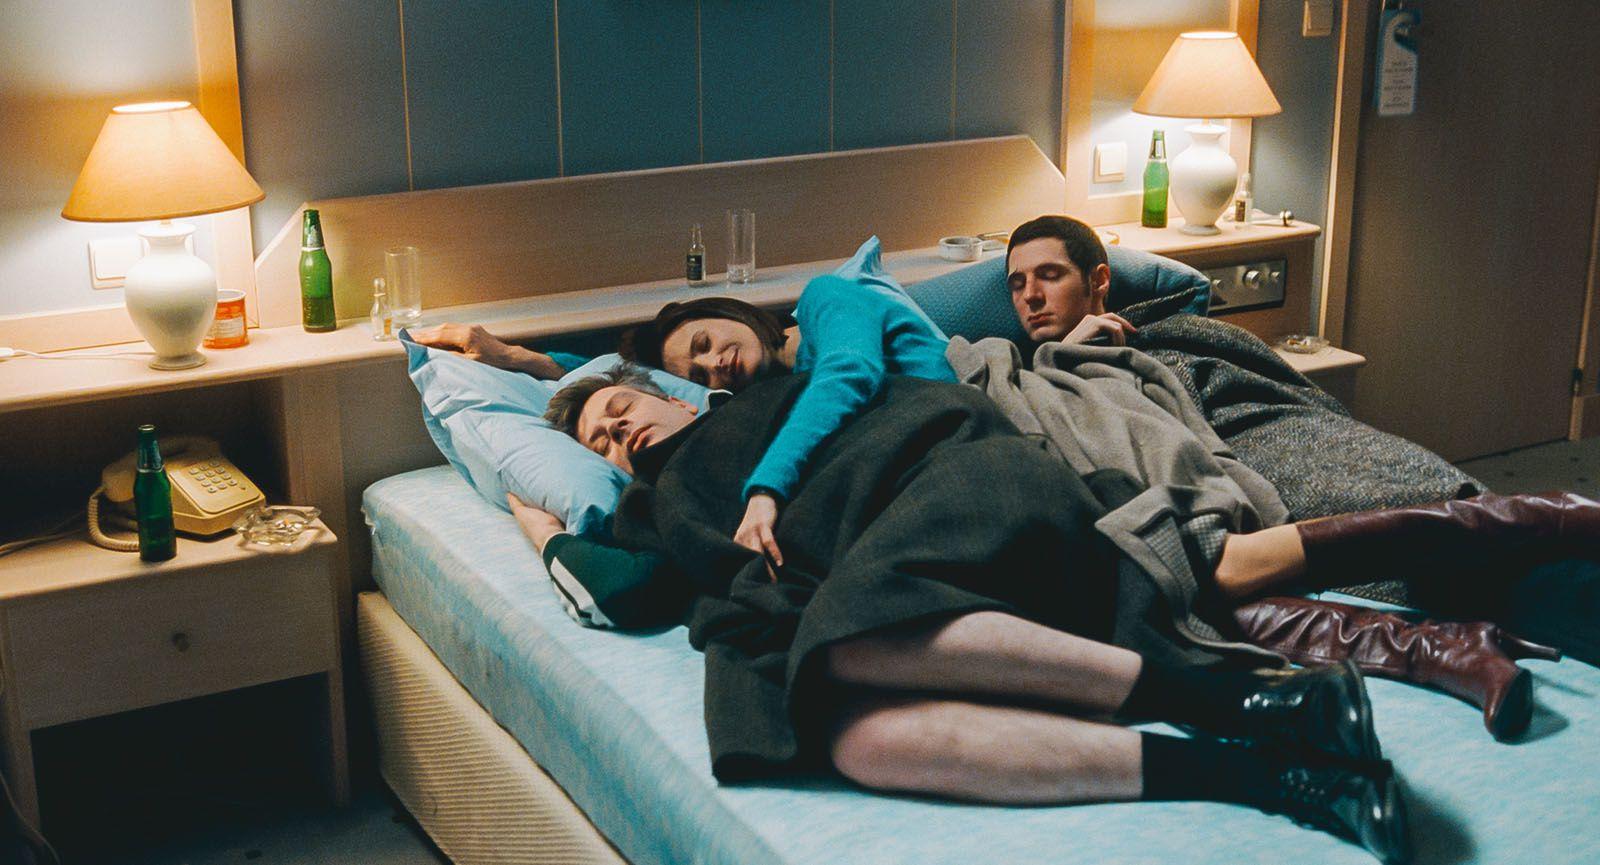 CHAMBRE 212 (BANDE-ANNONCE) de Christophe Honoré - Le 9 octobre 2019 au cinéma